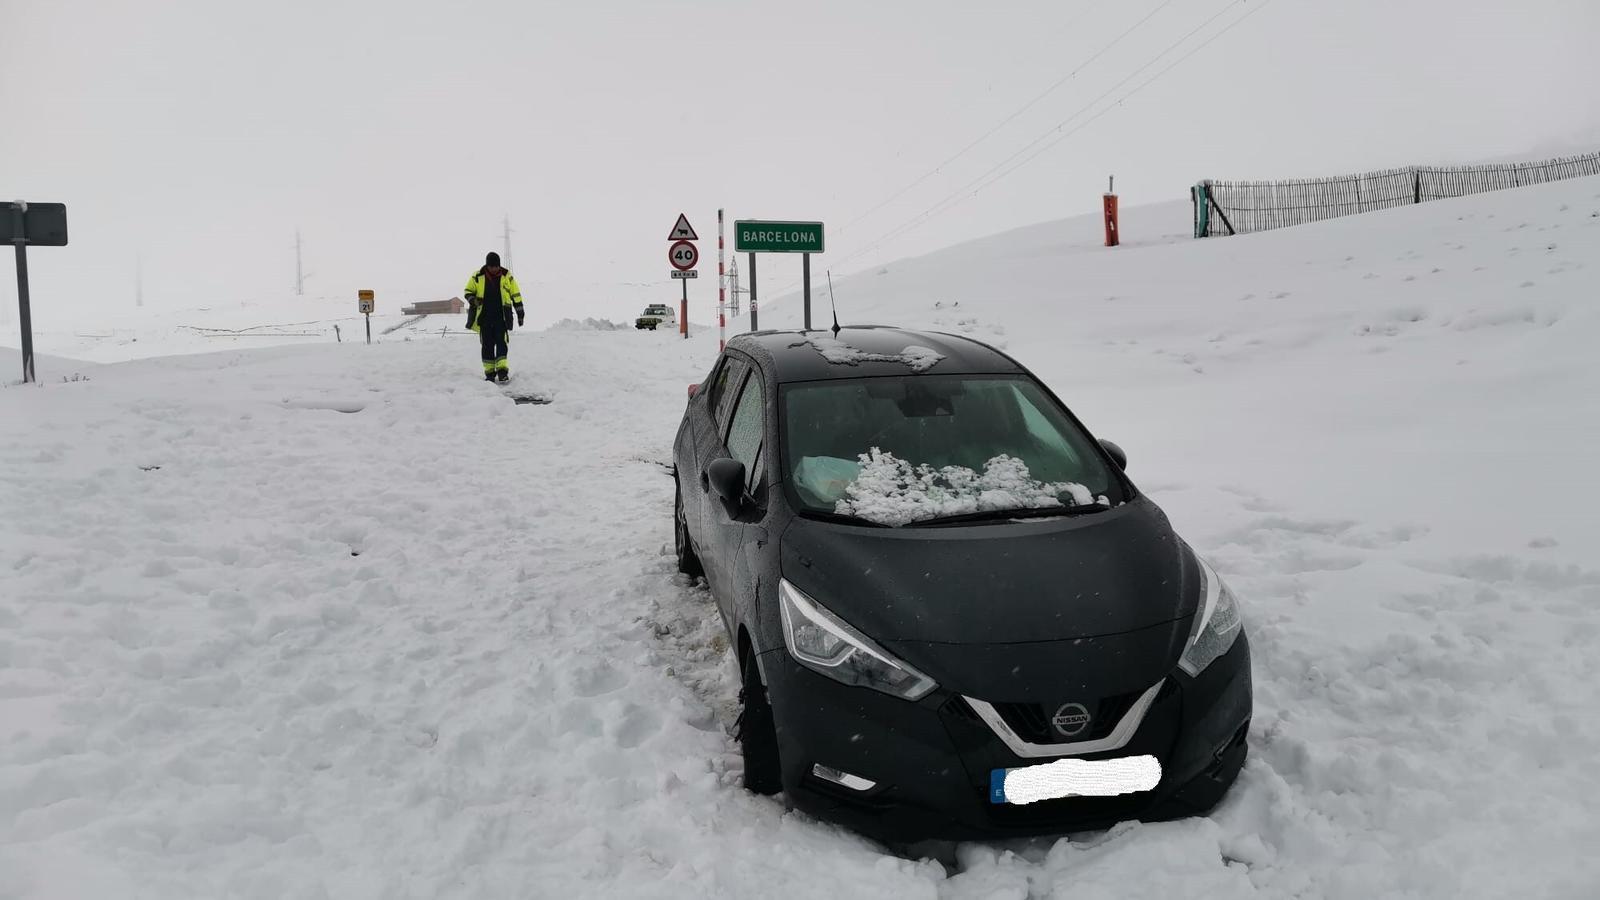 El vehicle, atrapat a la neu, ja al terme municipal d'Alp. / MOSSOS